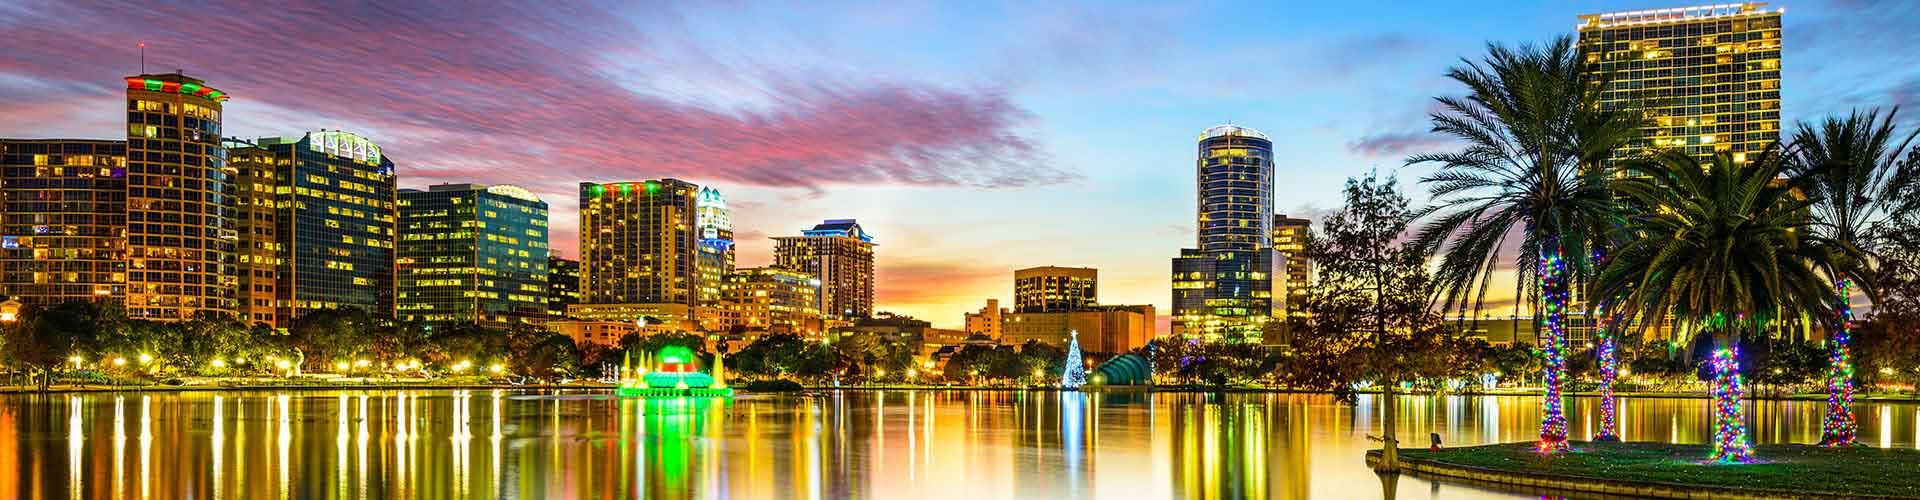 Orlando - Chambres pas chères dans le quartier de Wilderness Creek. Cartes pour Orlando, photos et commentaires pour chaque chambre à Orlando.